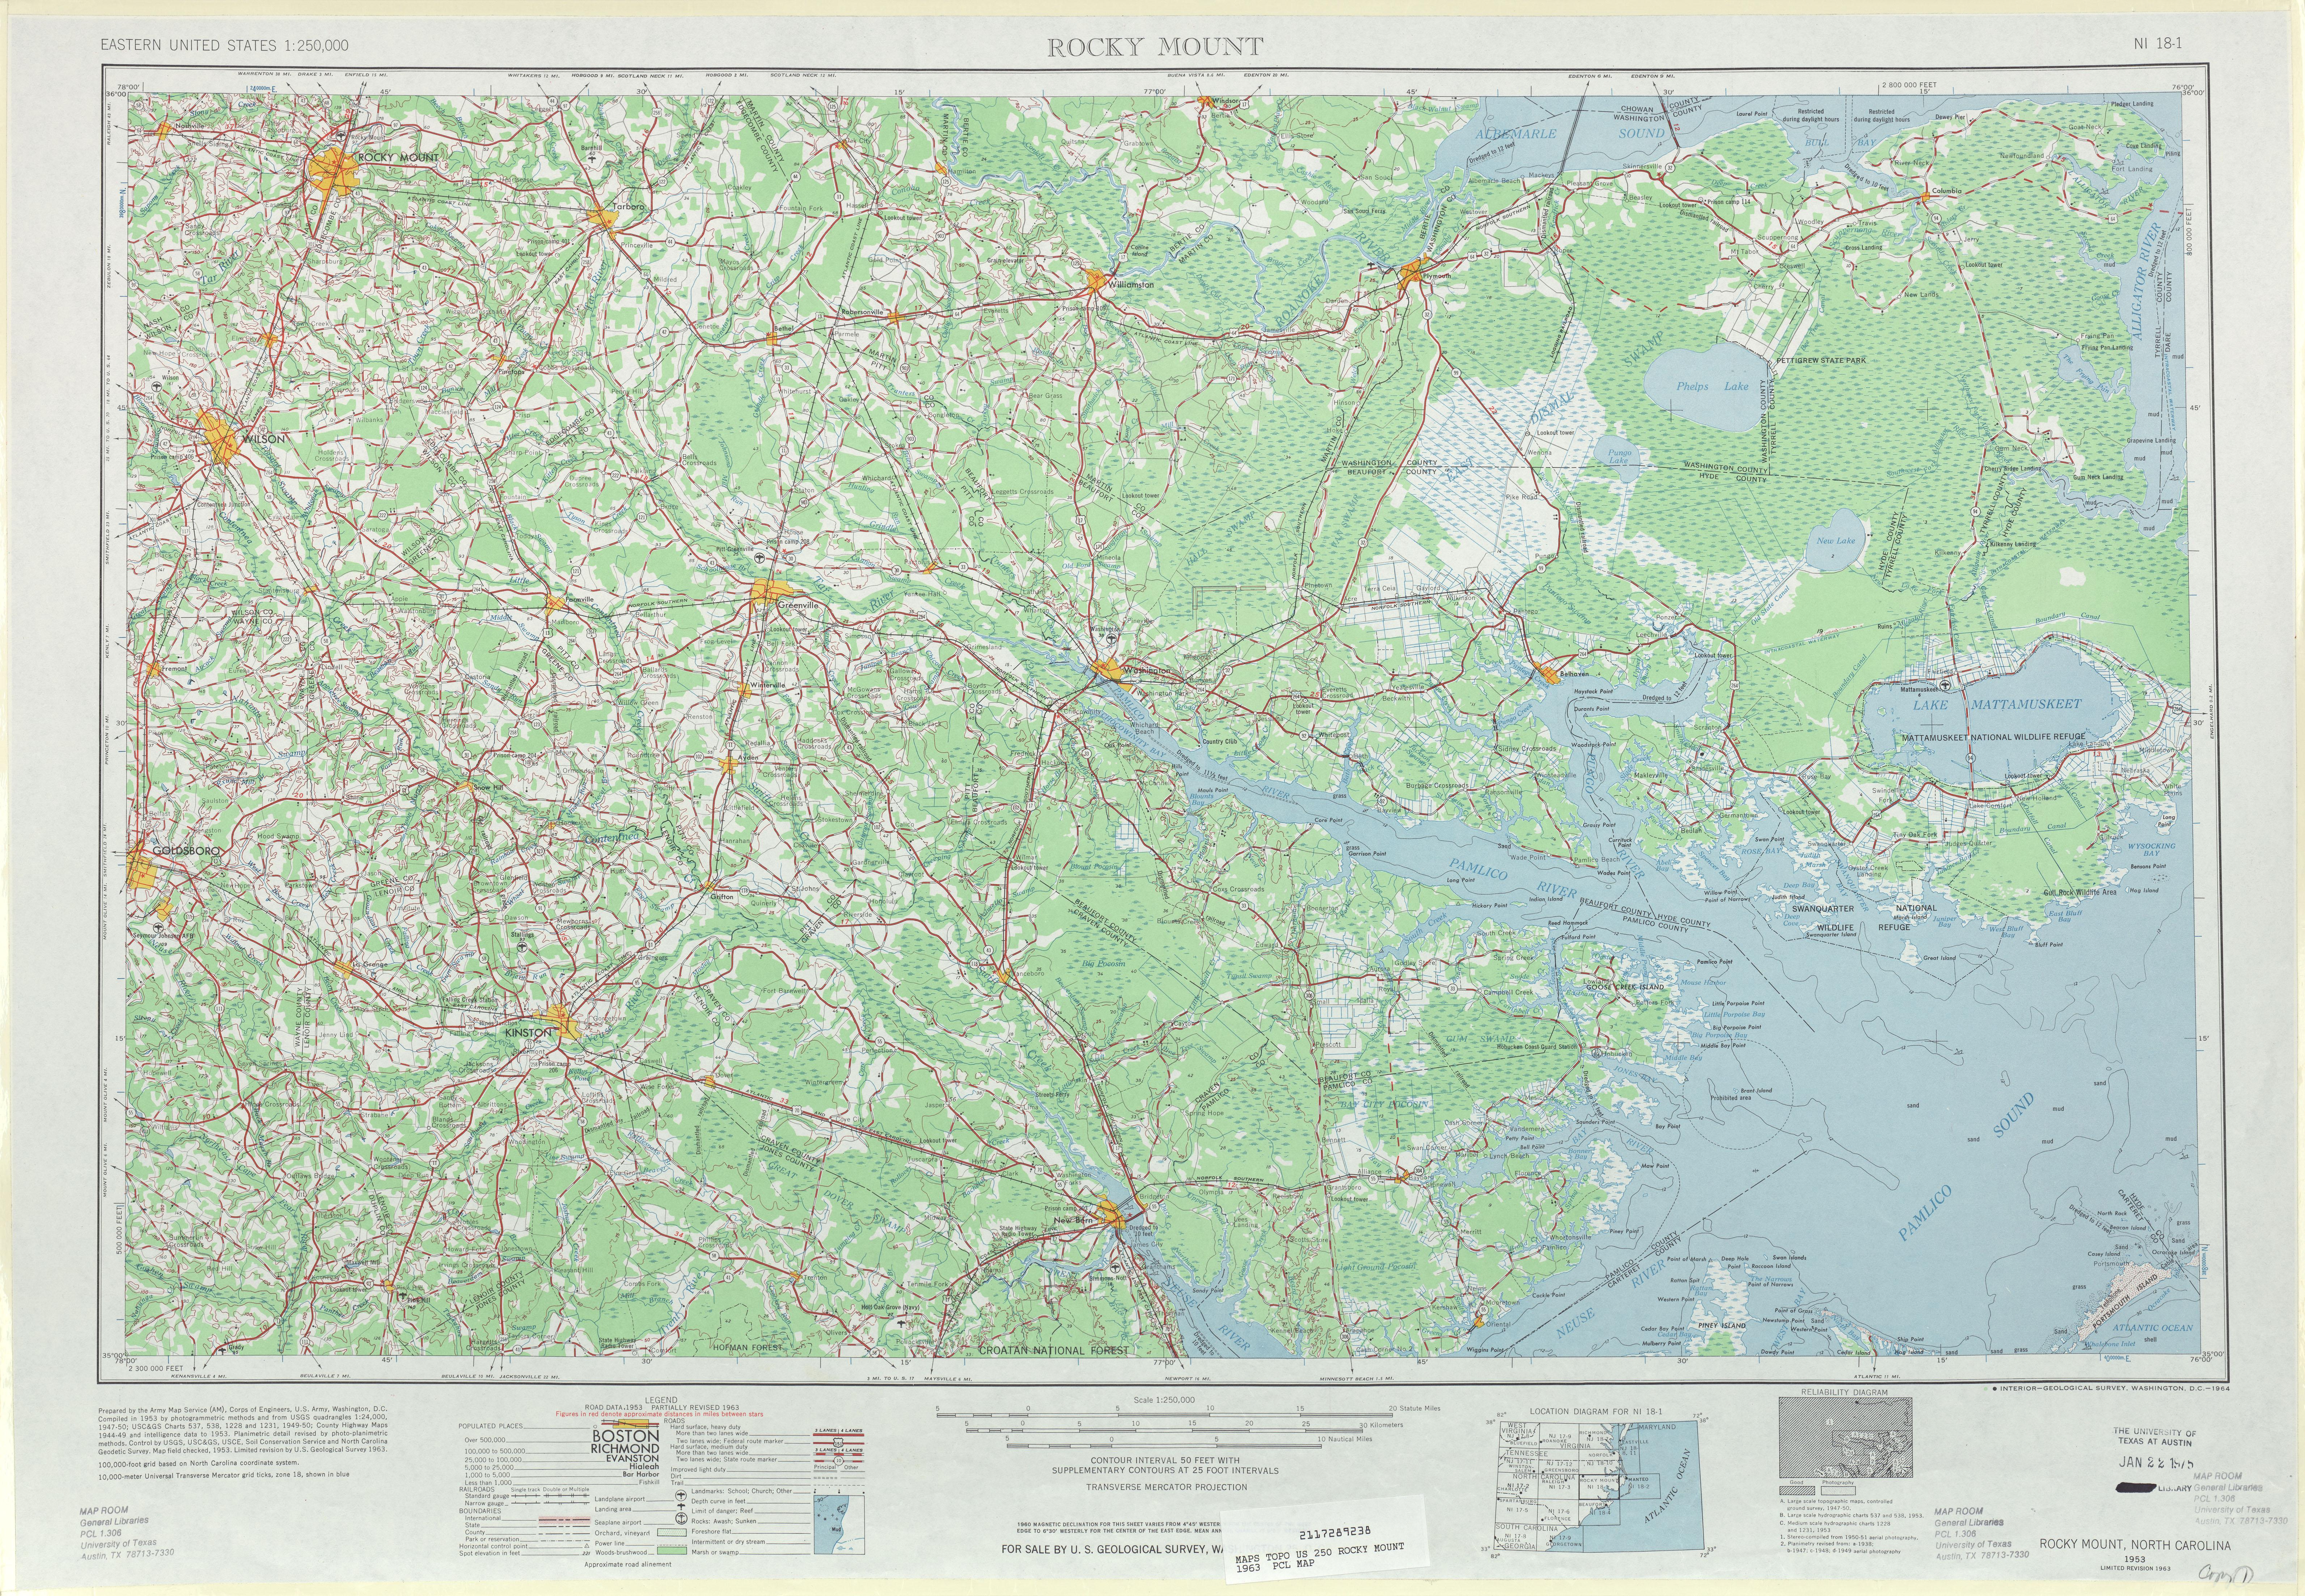 Hoja Rocky Mount del Mapa Topográfico de los Estados Unidos 1963